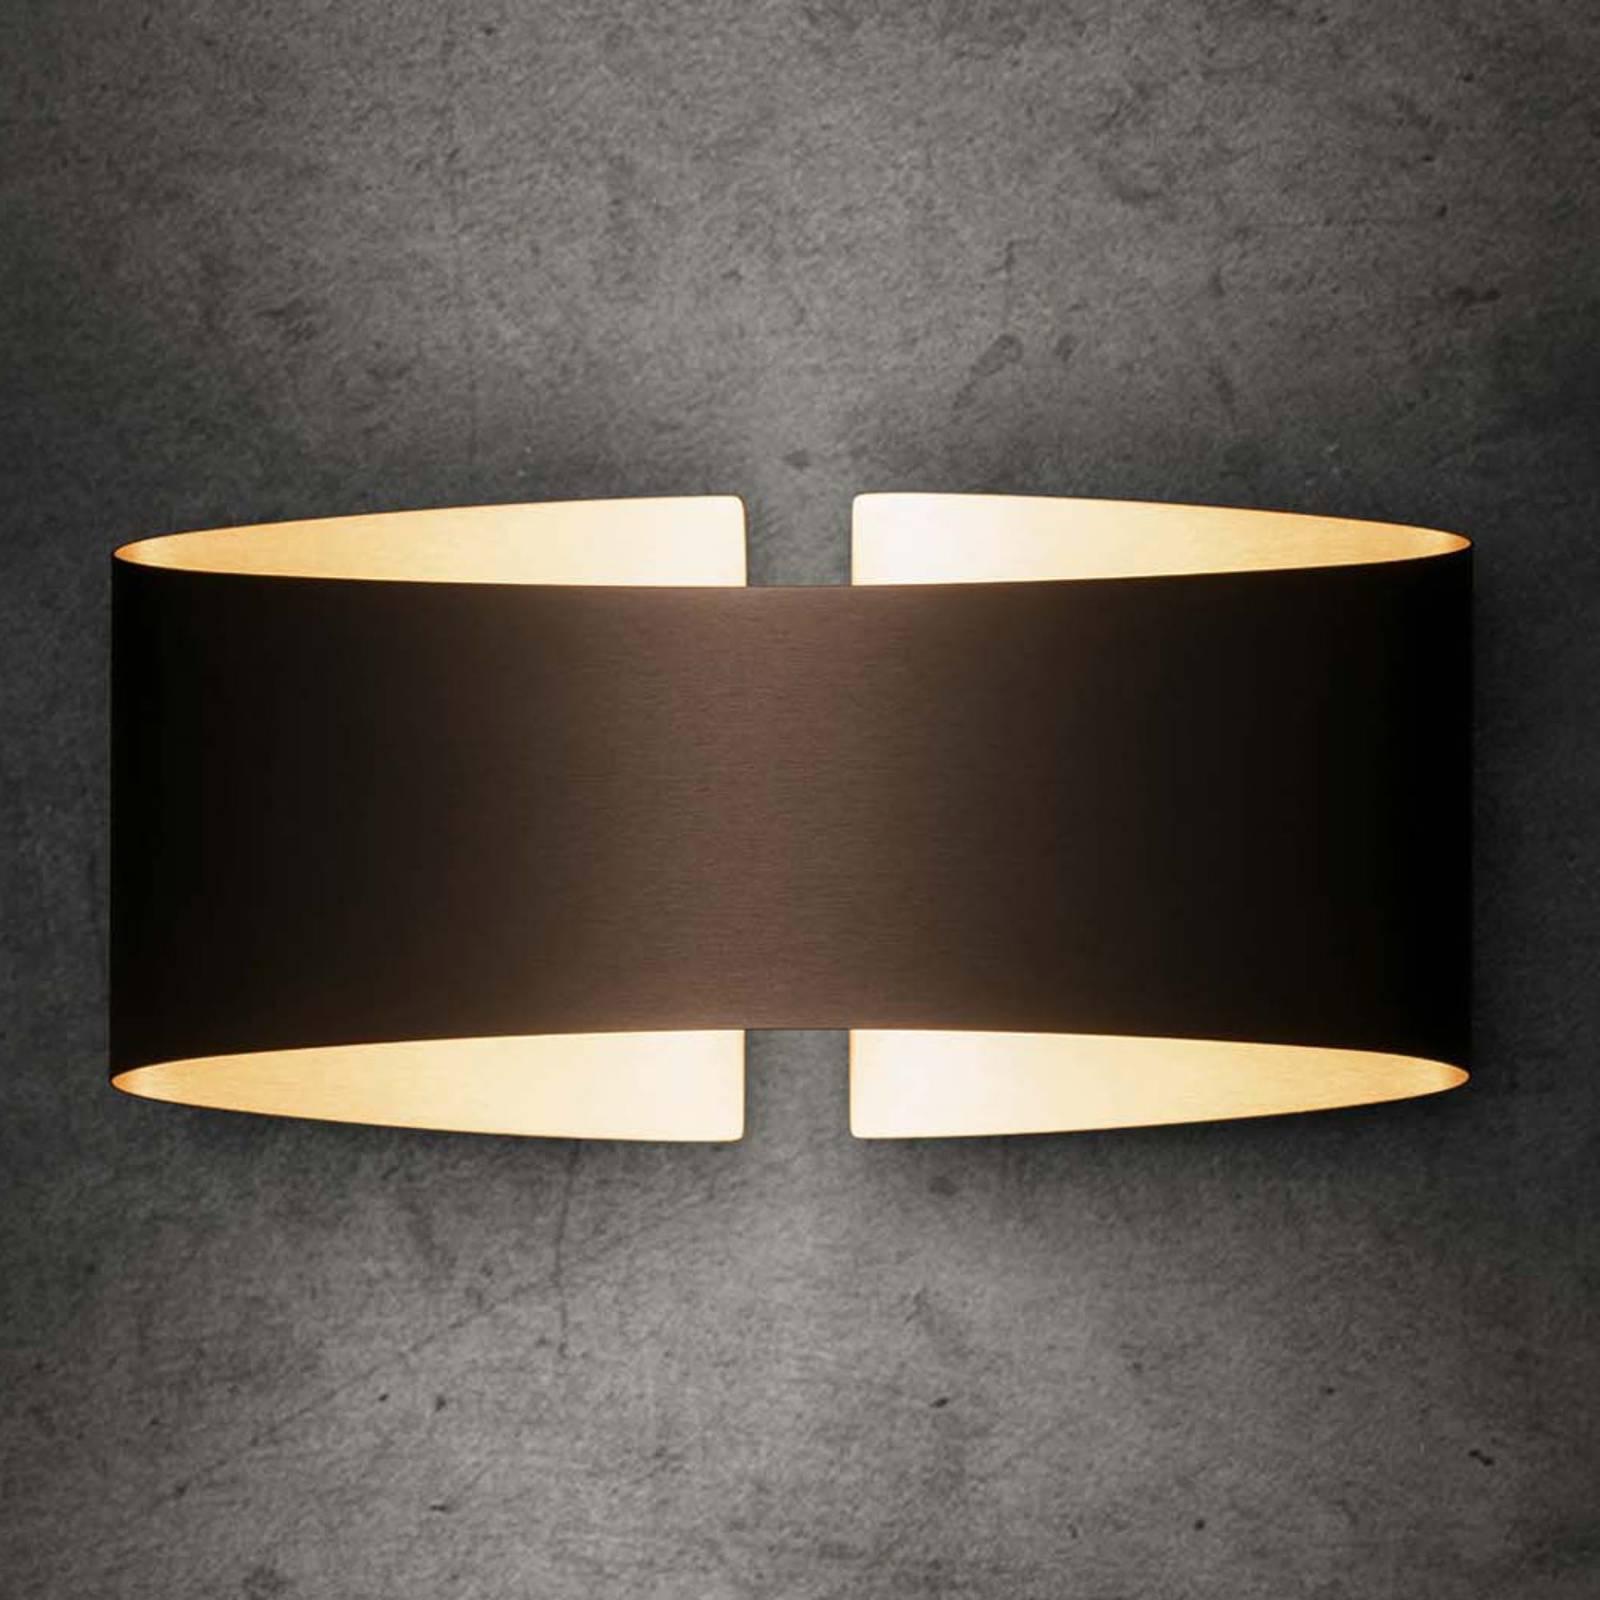 Holtkötter Voilà LED-Wandleuchte, fumé matt